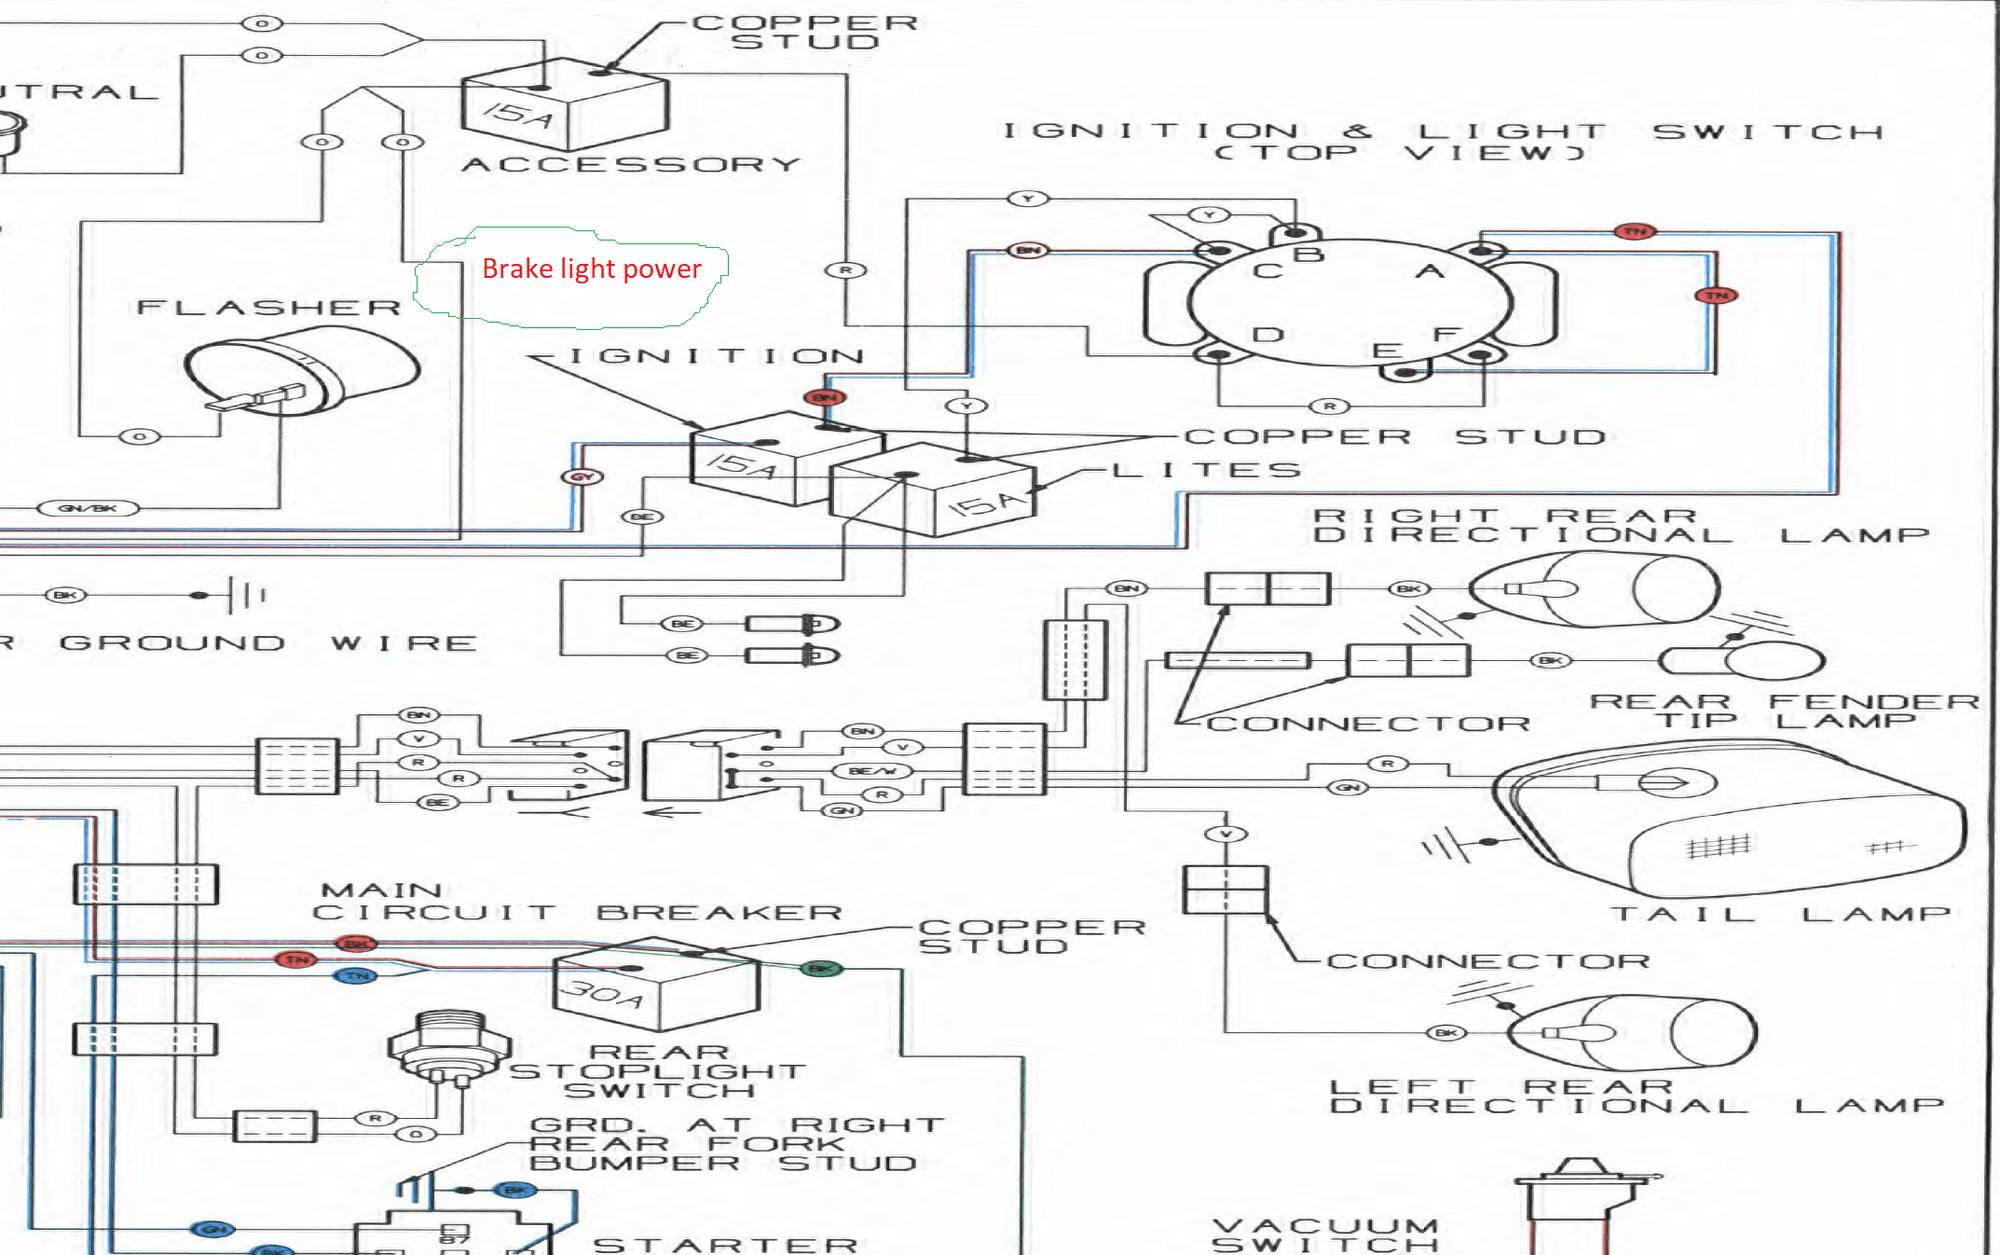 83 Fxrs Wiring Diagram | Wiring Diagram Harley Dyna Fxr Turn Signal Wiring Diagram on